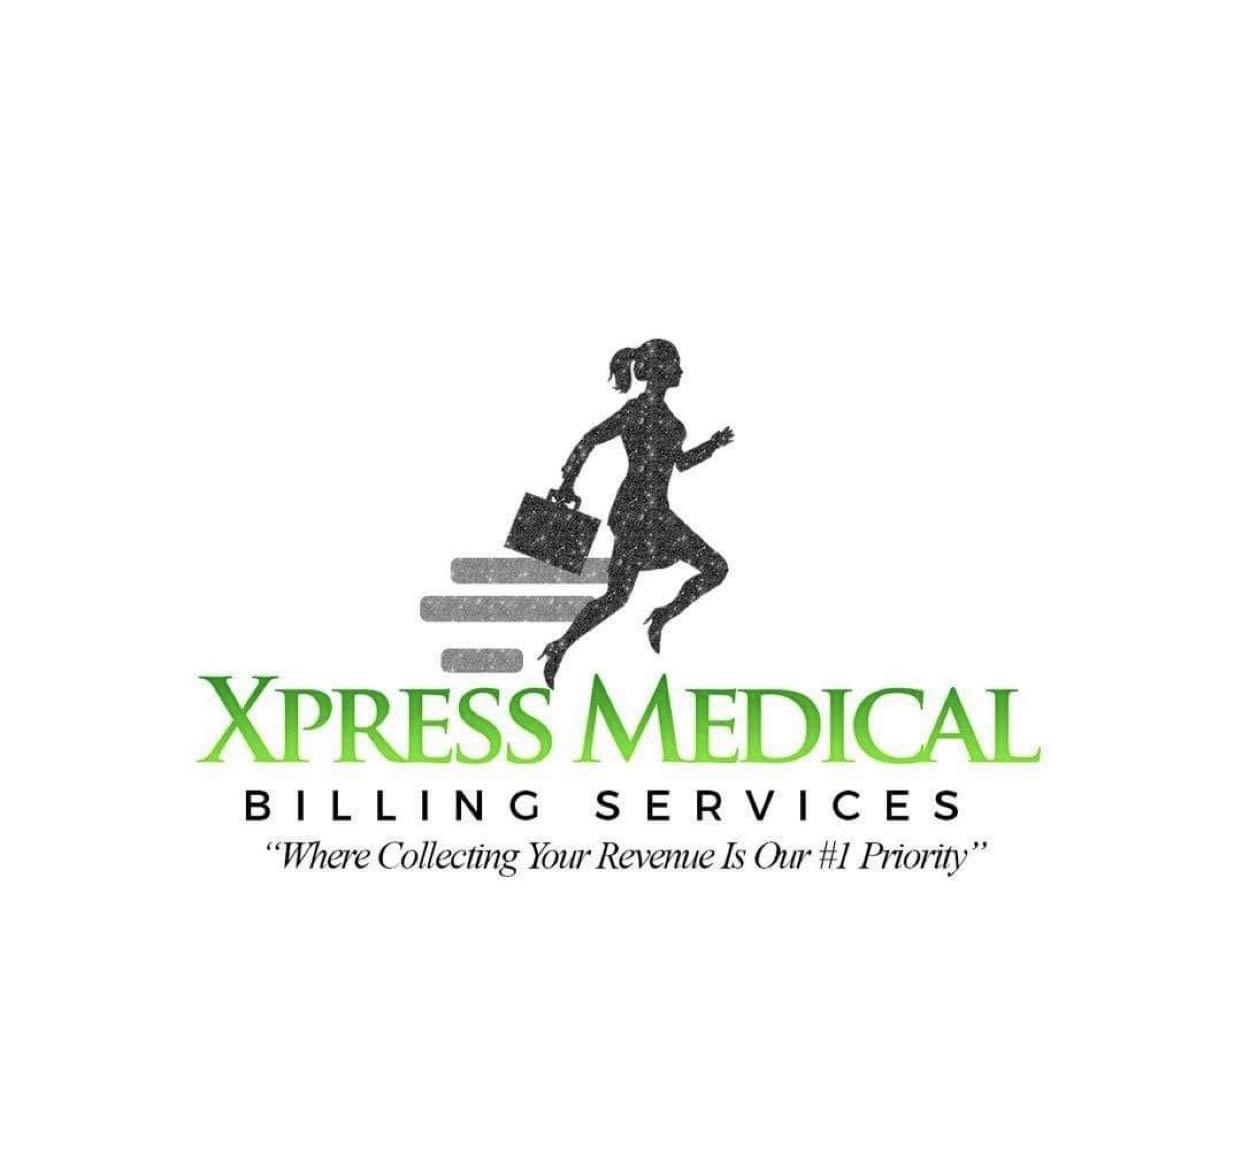 Xpress Medical Billing Services